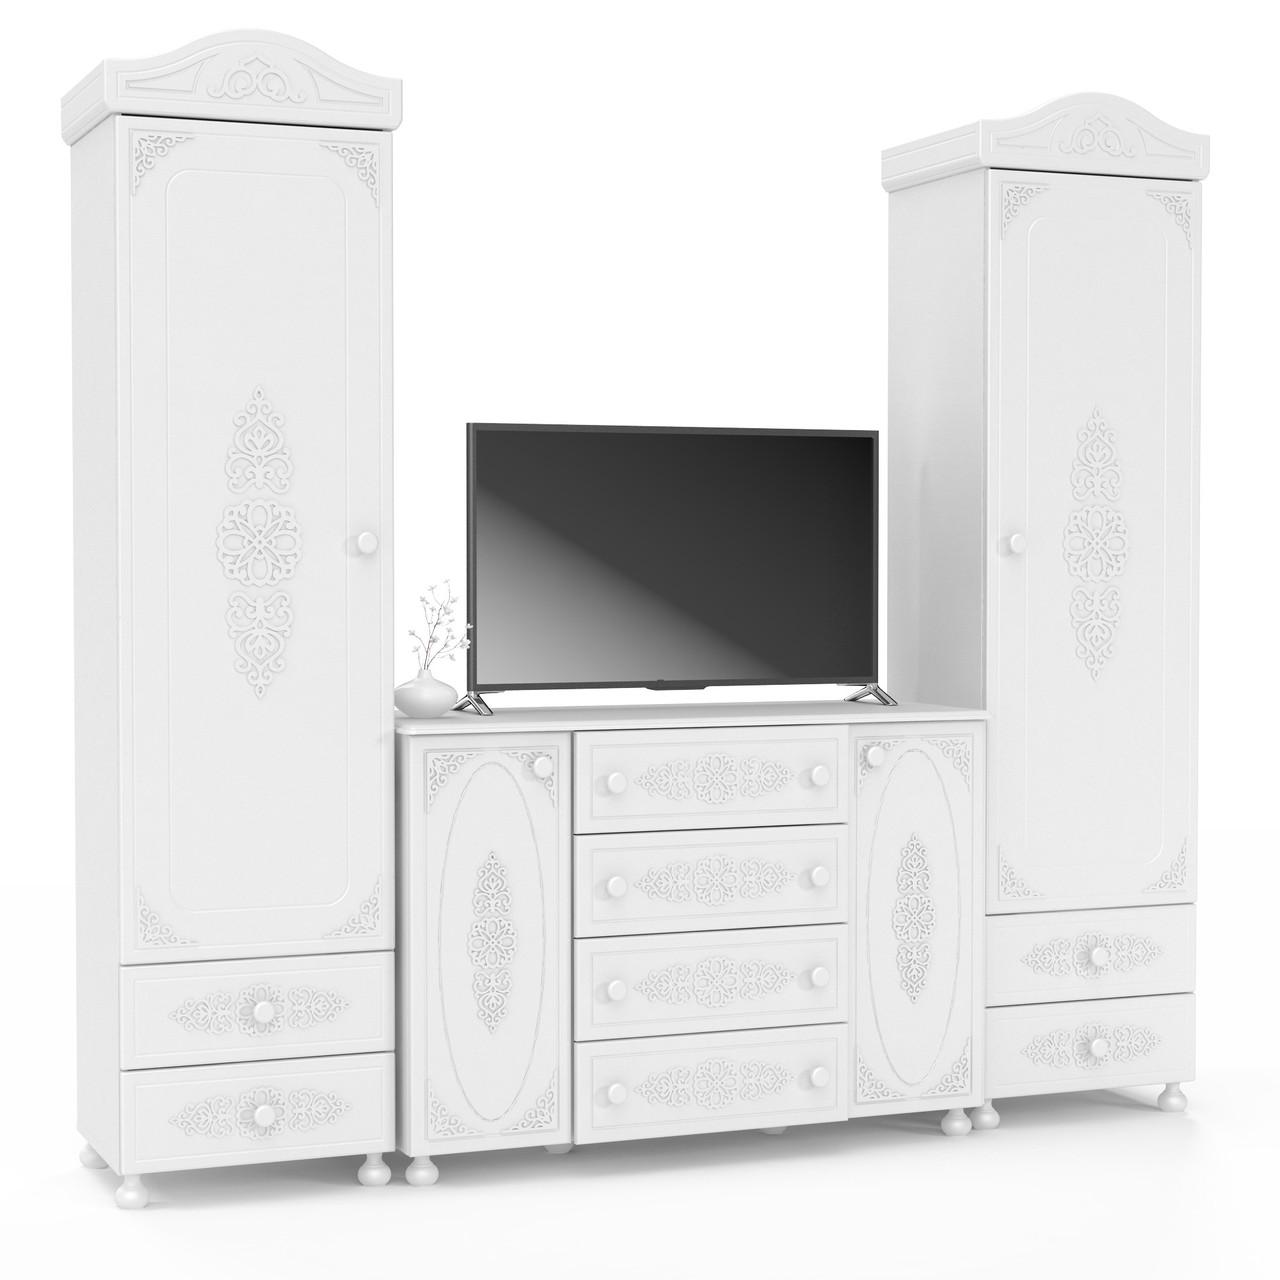 Мебель Ассоль компоновка 1